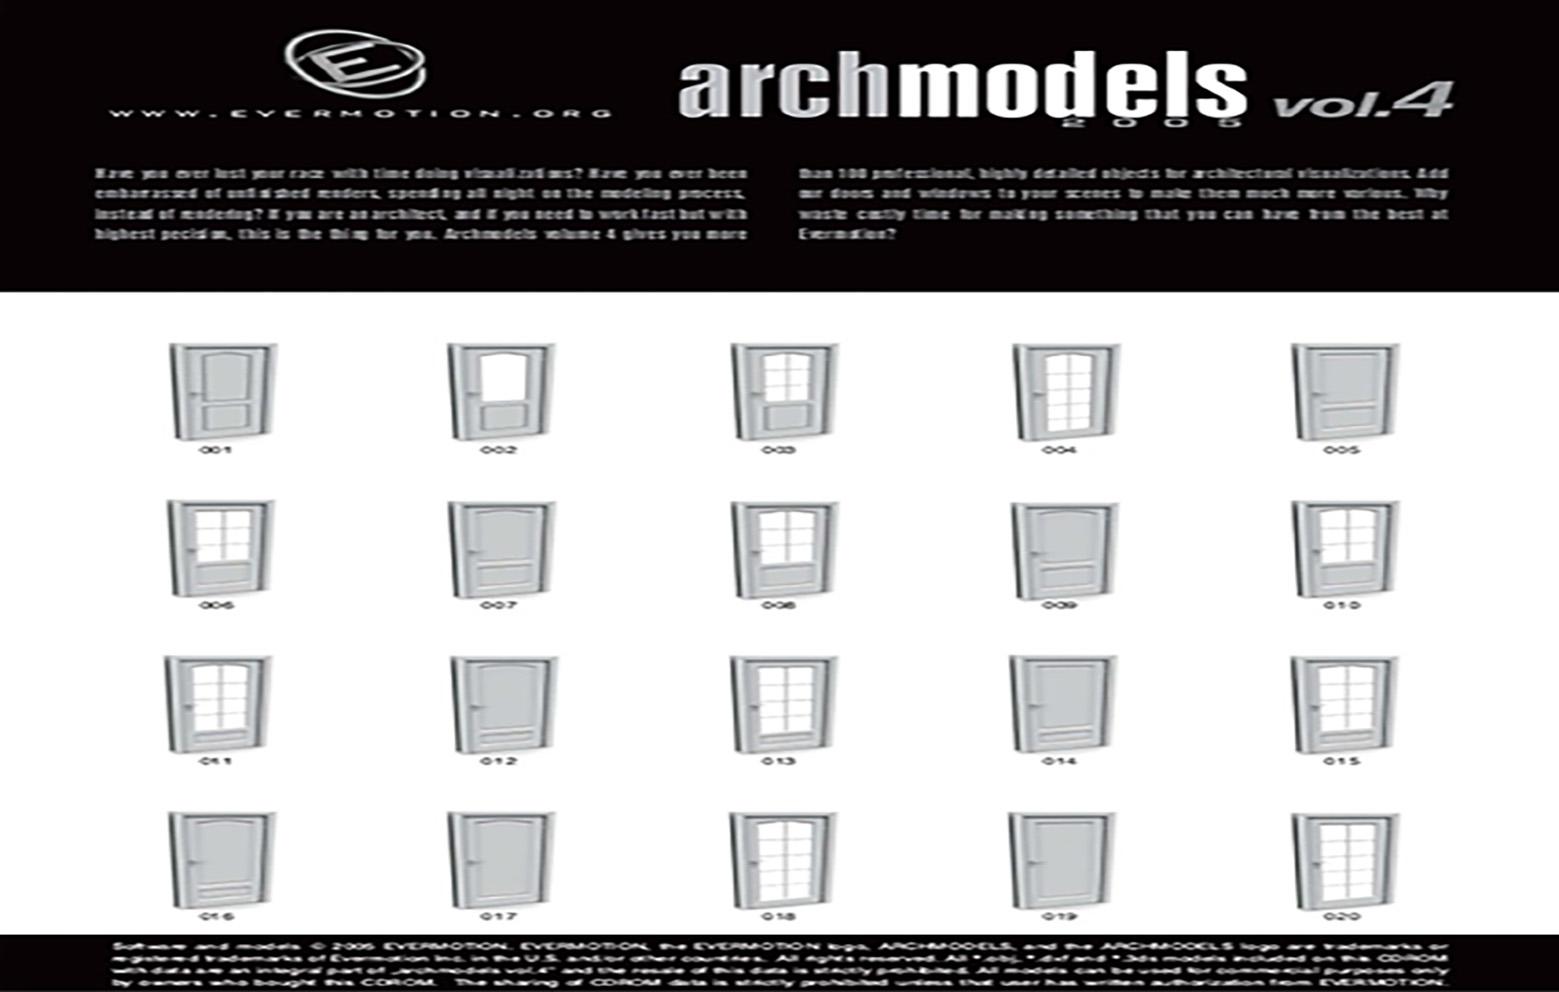 دانلود رایگان آرک مدل ولوم ARCHMODELS VOL.04